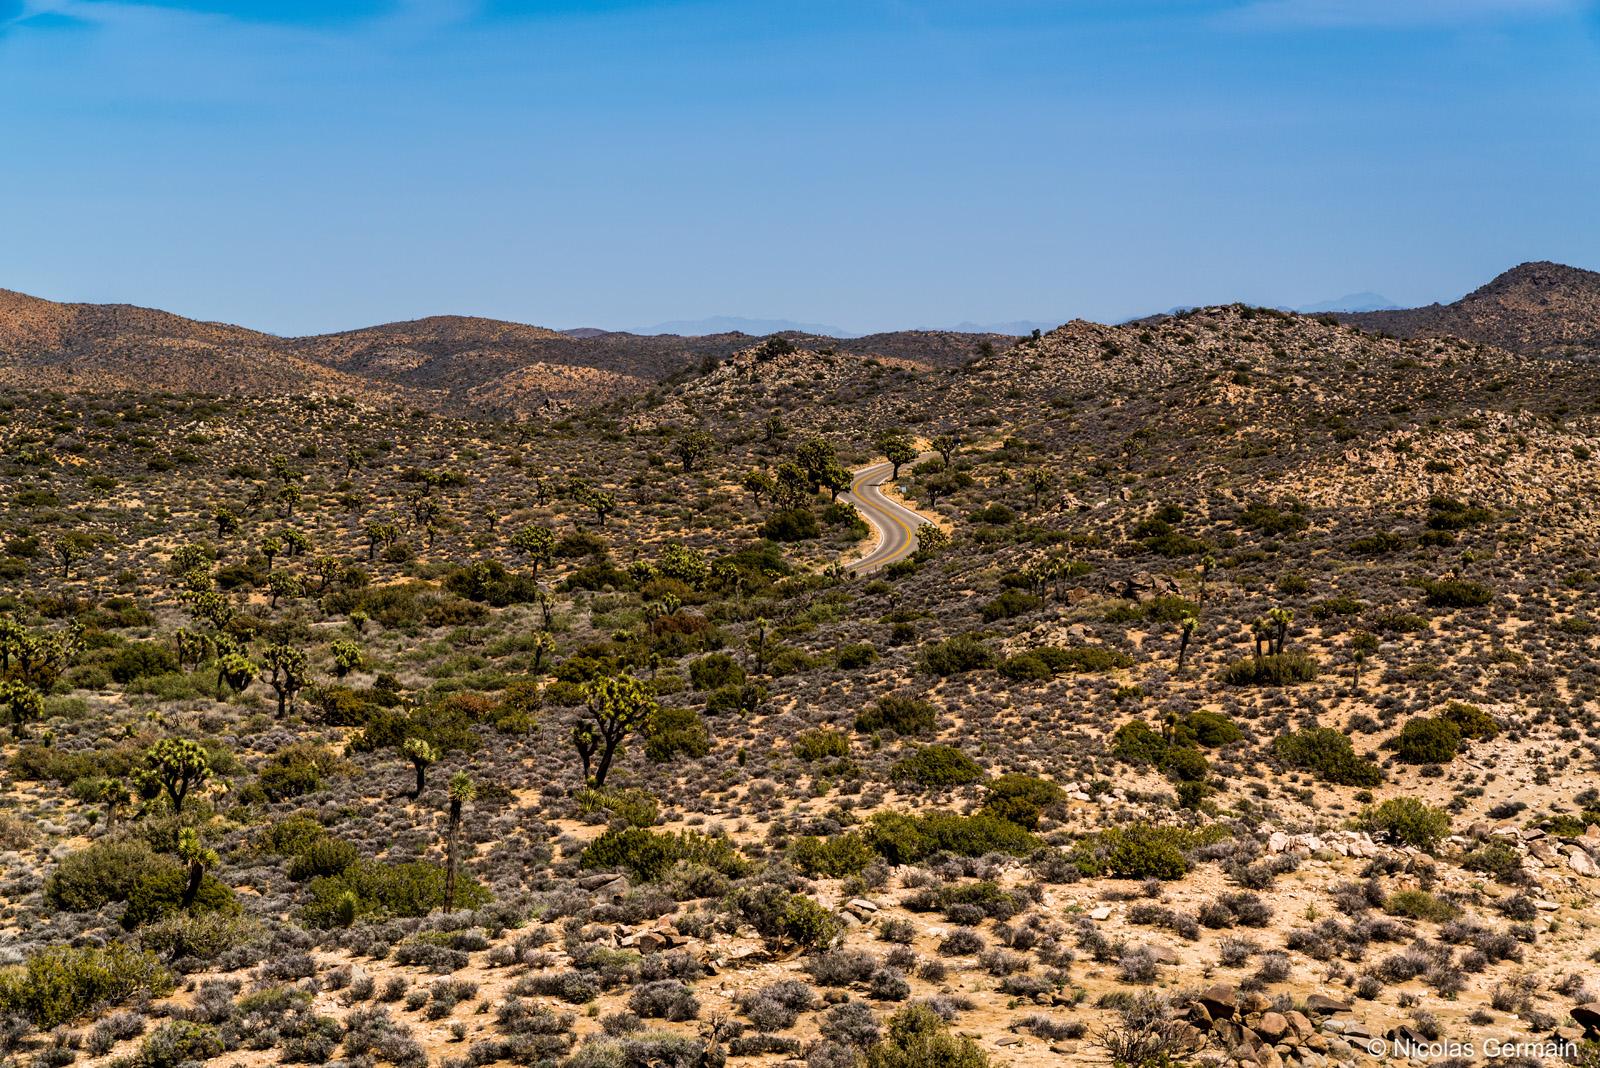 La route traverse le désert de pierres et les forêts d'arbres de Josué dans Joshua Tree National Park